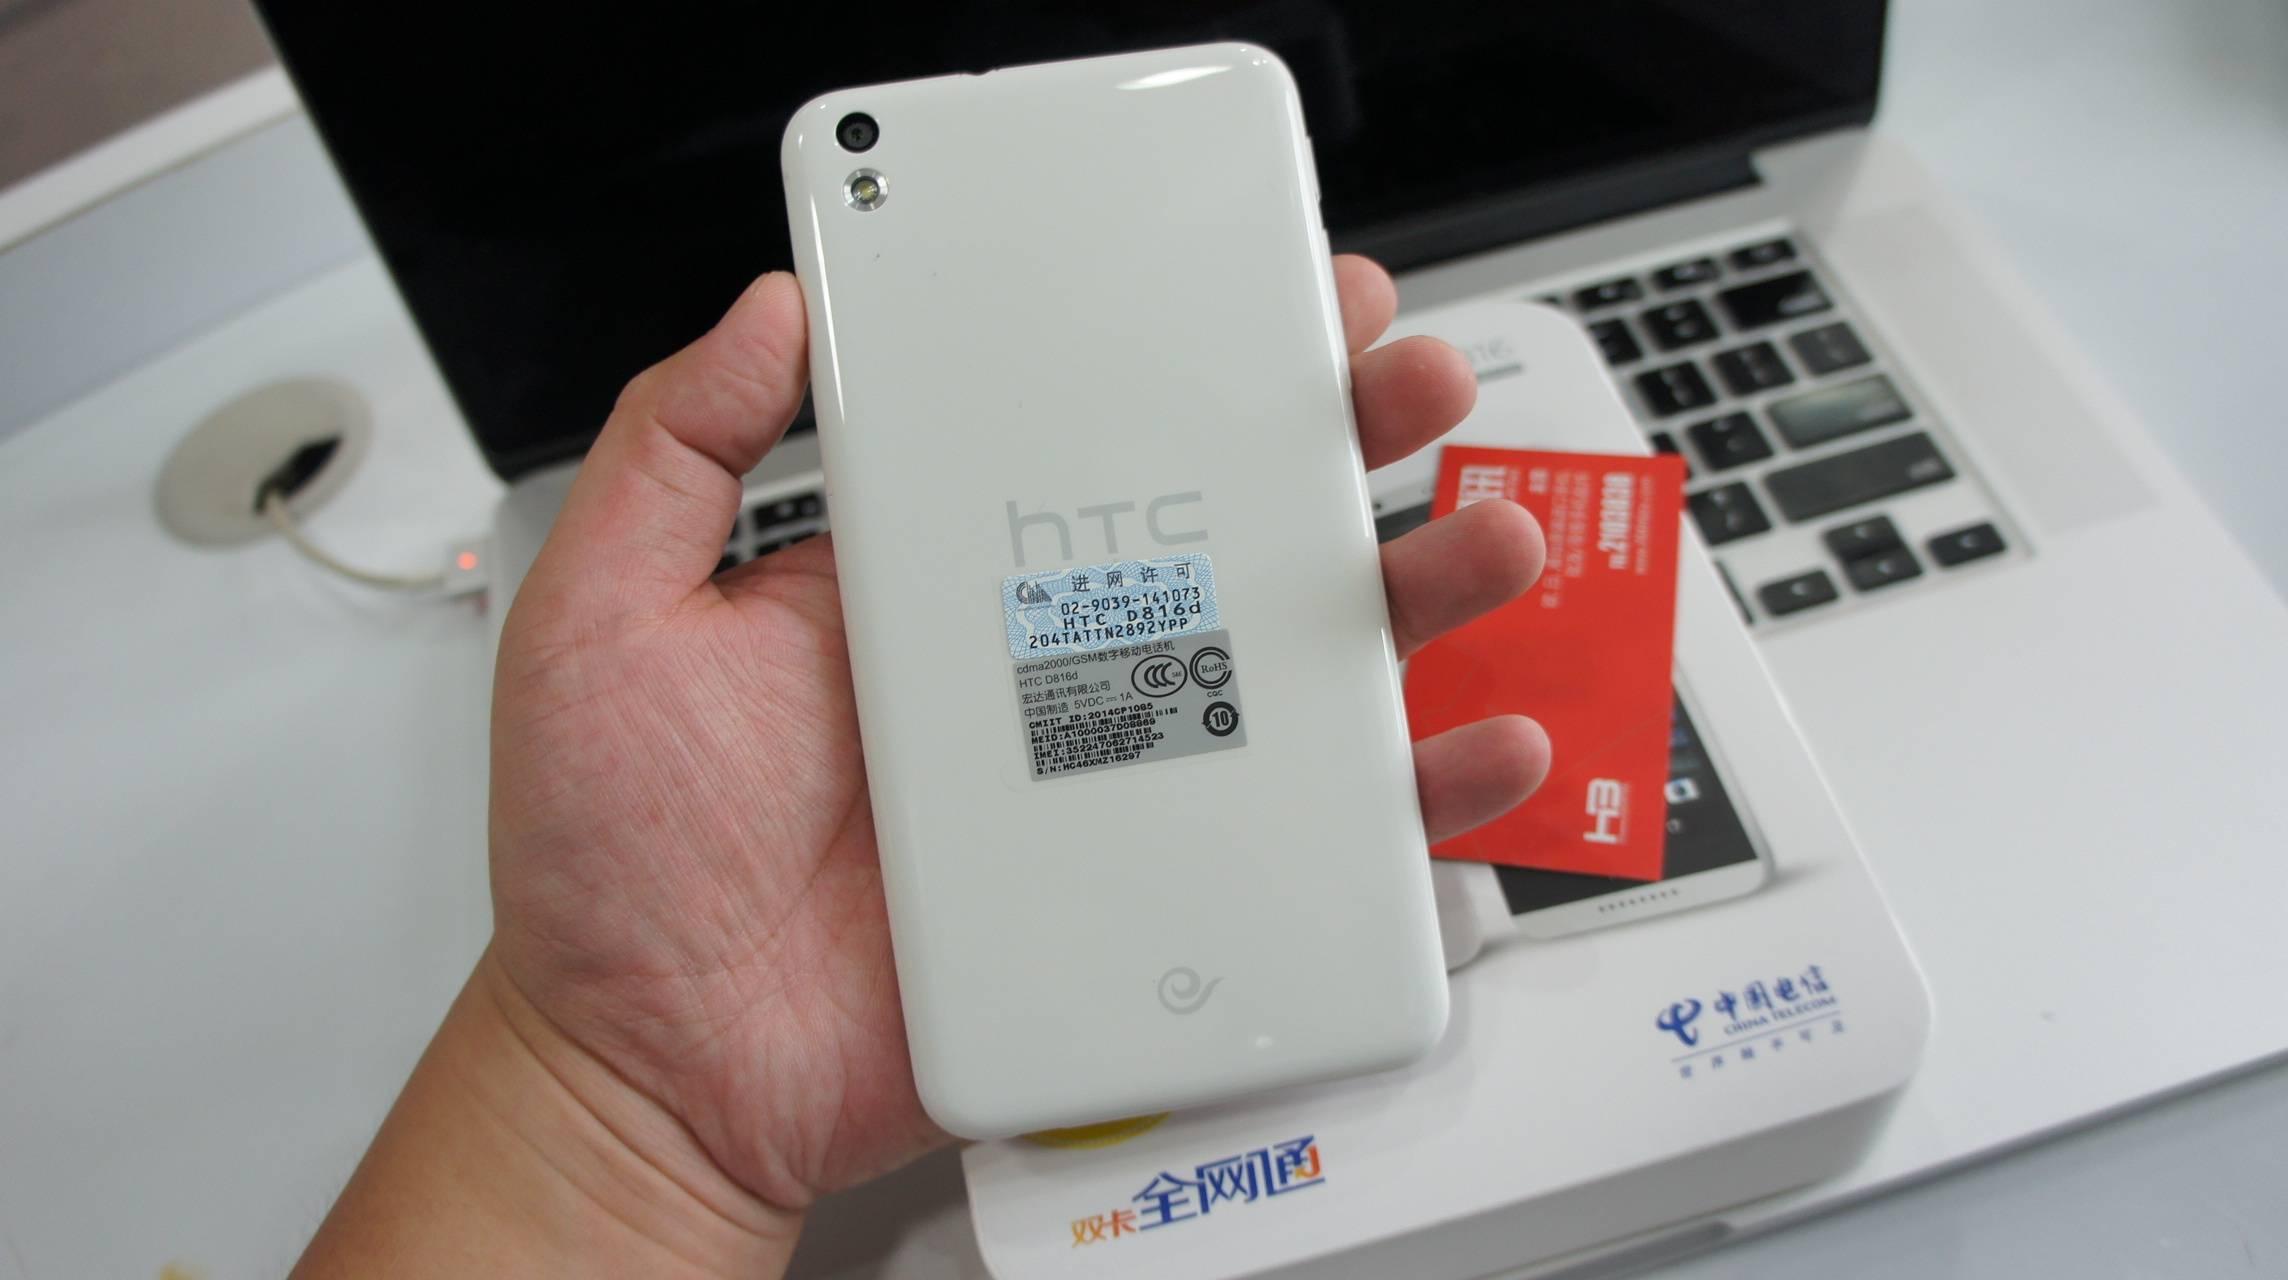 厦门恒斌通讯 HTC Desire 816d 电信版 新渴望 天翼移动双卡 另有个多